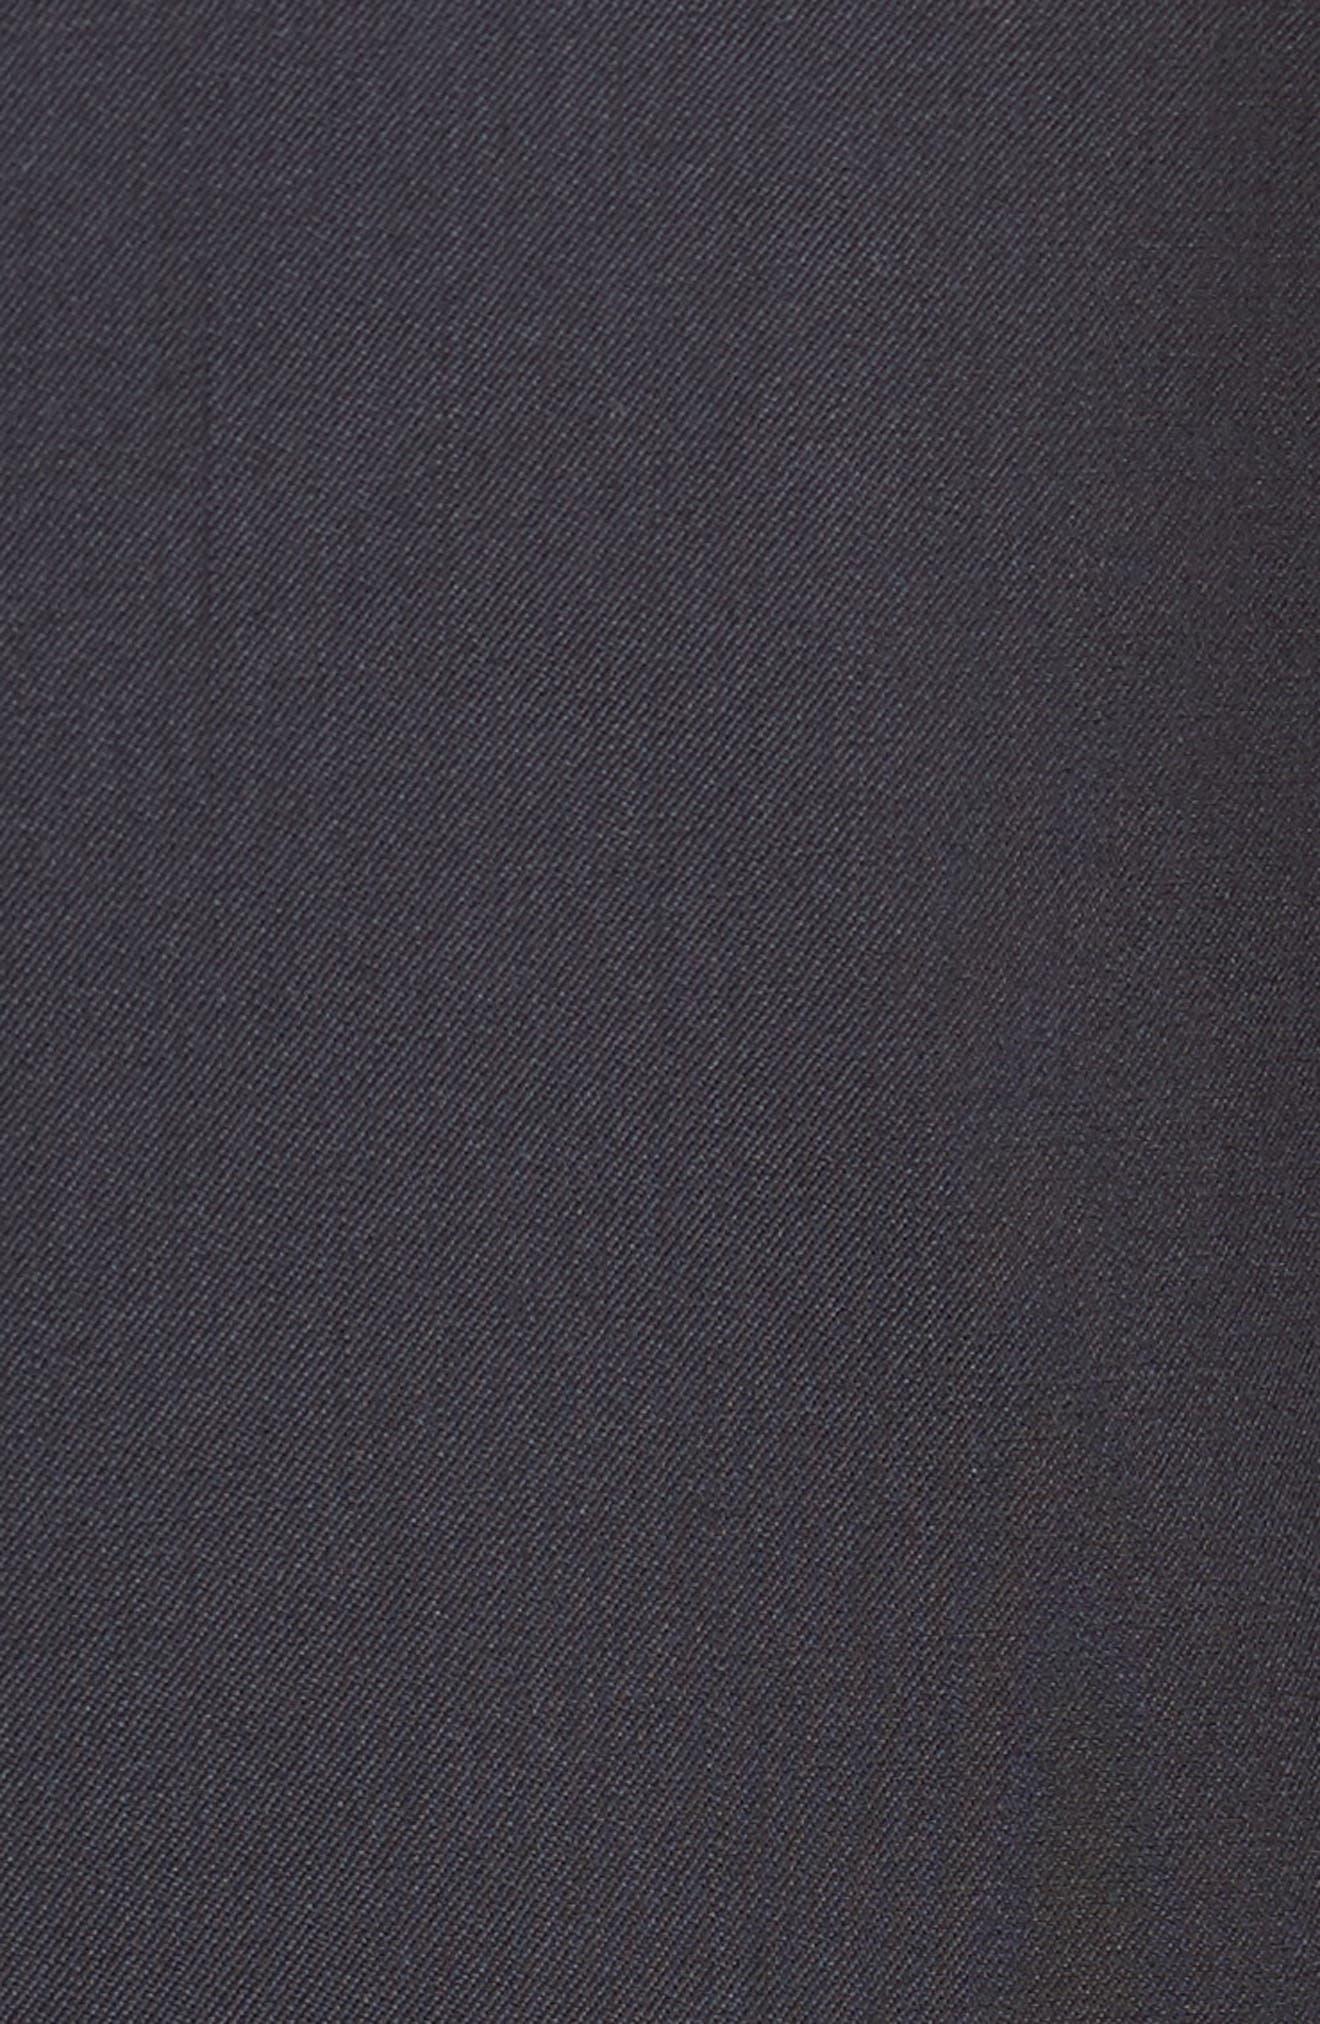 Trim Fit Solid Wool Suit,                             Alternate thumbnail 21, color,